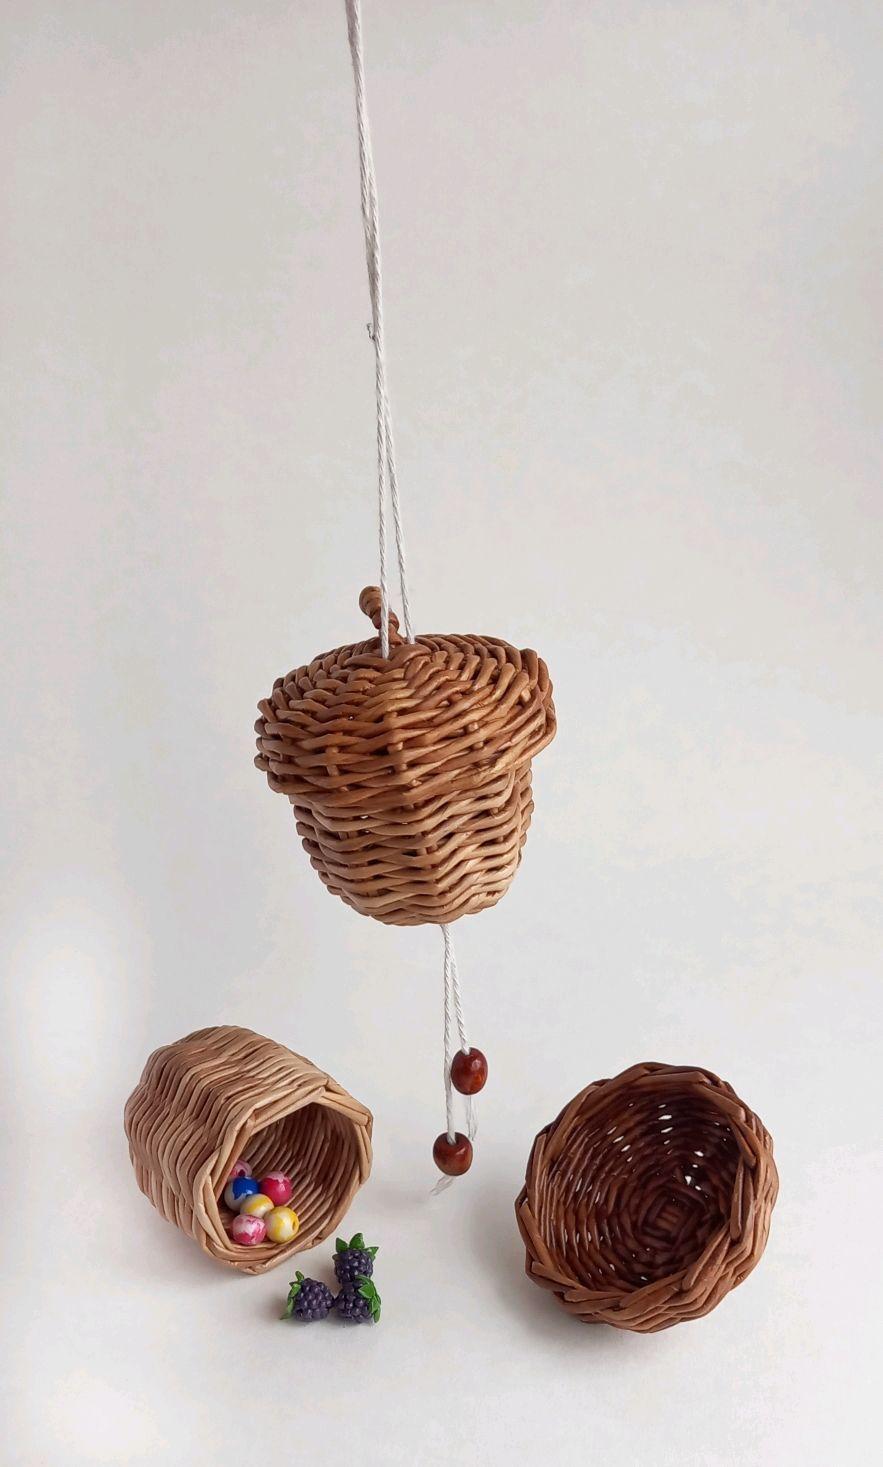 Детская маленькая сумочка Жёлудь, Сумки для детей, Аксай,  Фото №1